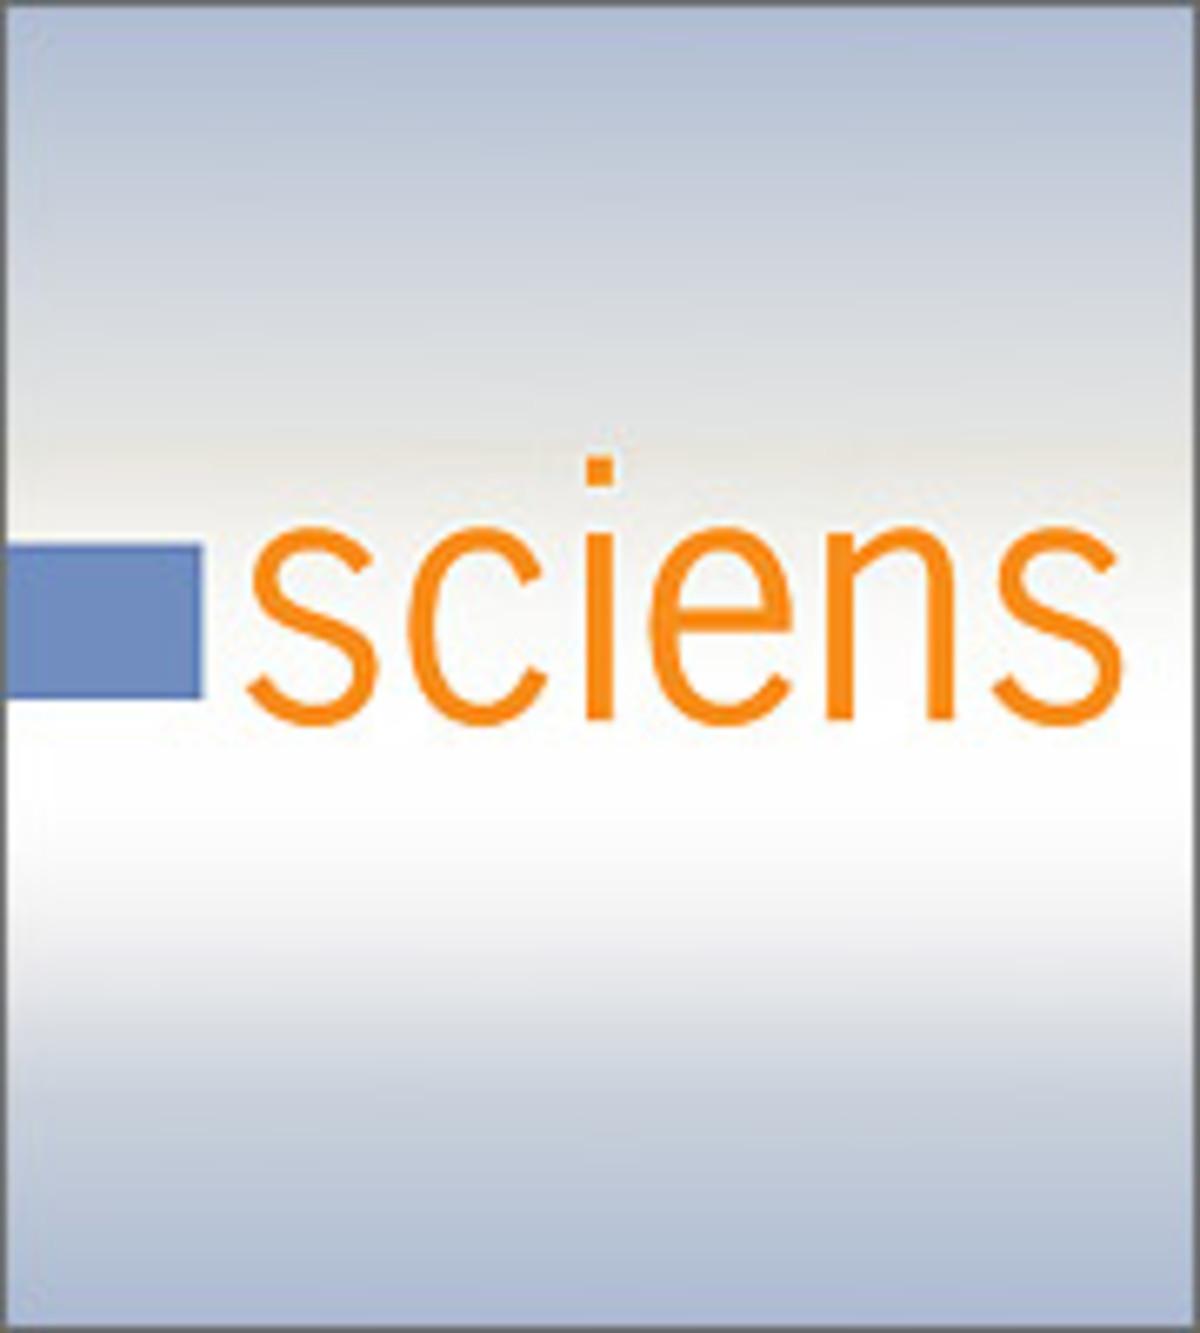 Εξαγορά από θυγατρική της Sciens | Newsit.gr